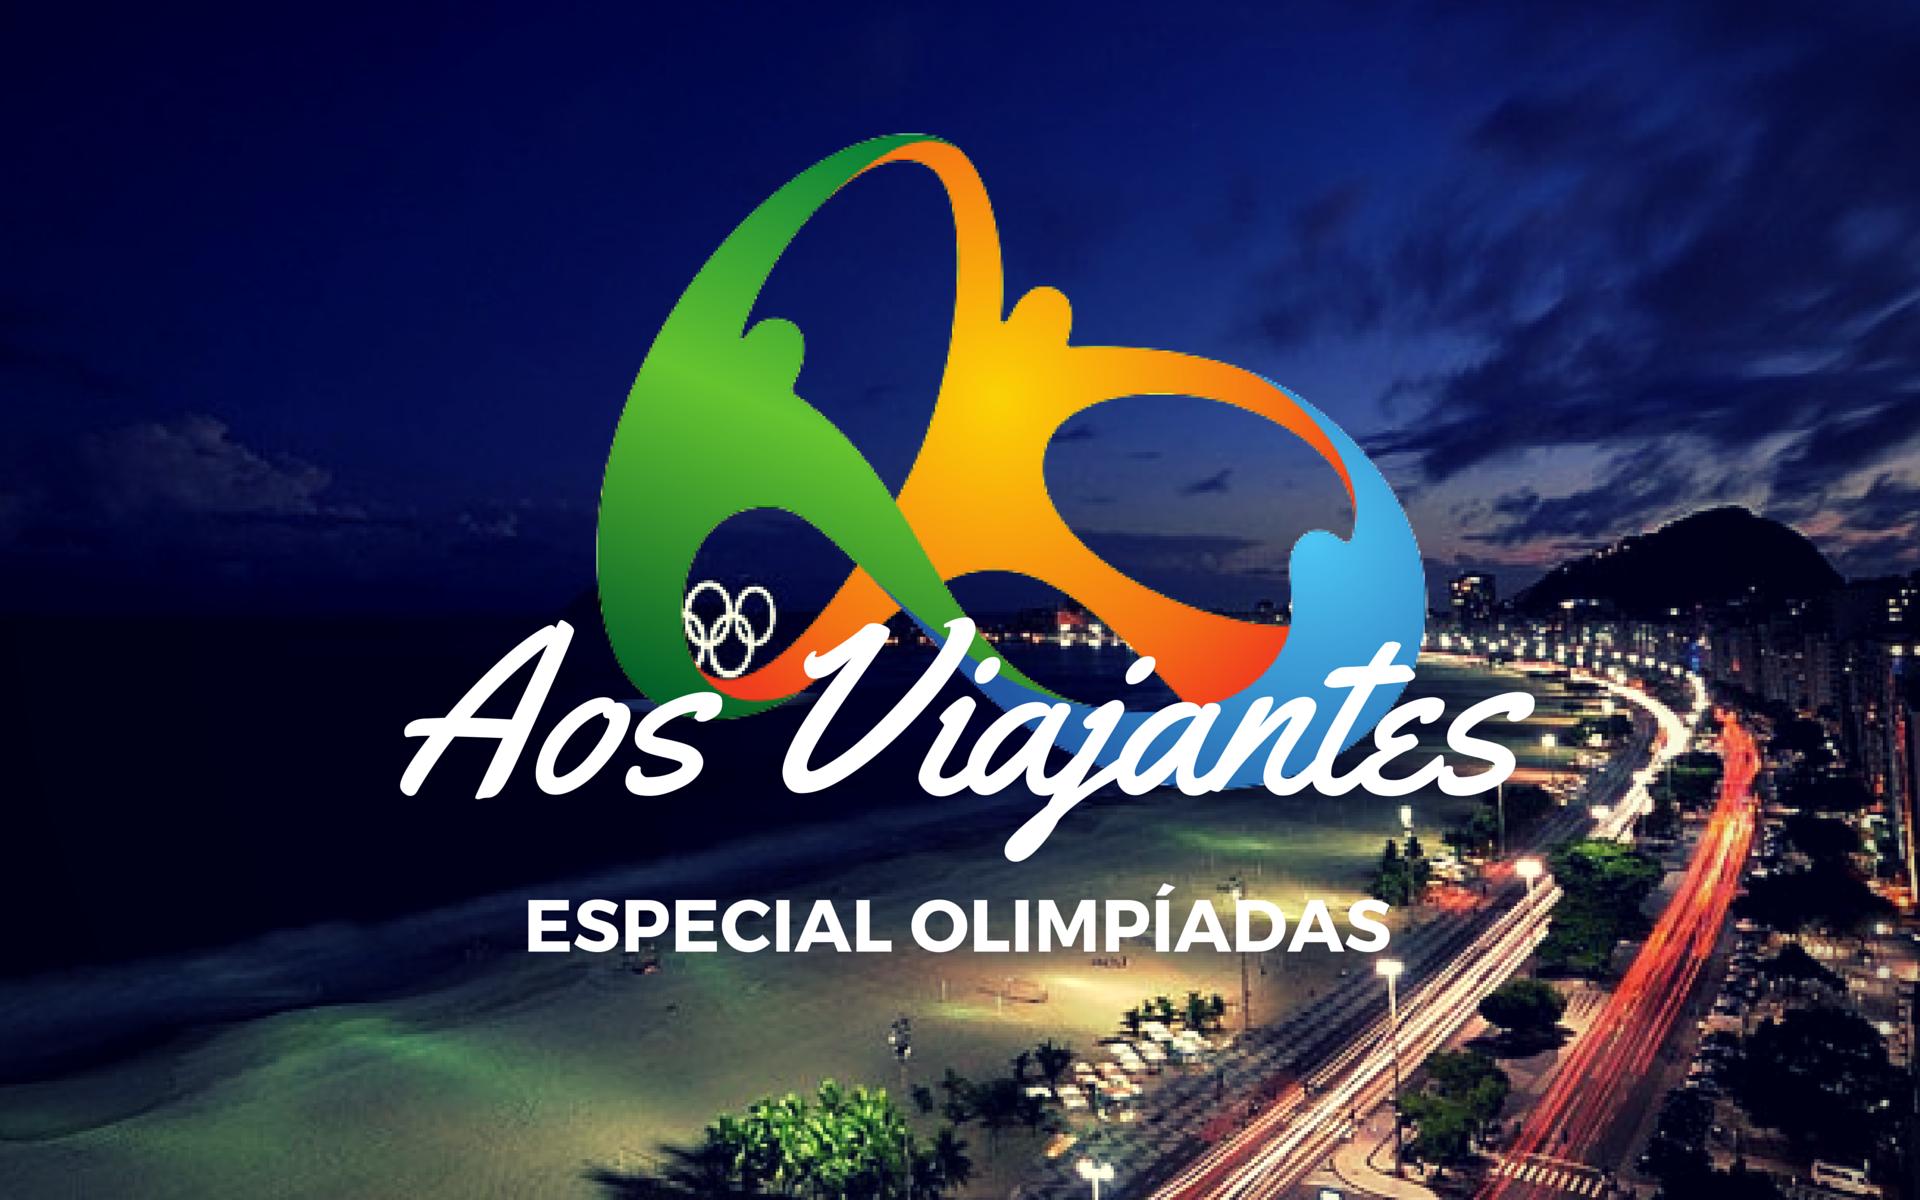 especial-olimpíadas-no-rio-2016 Especial Olimpíadas no Rio 2016   O Guia Completo